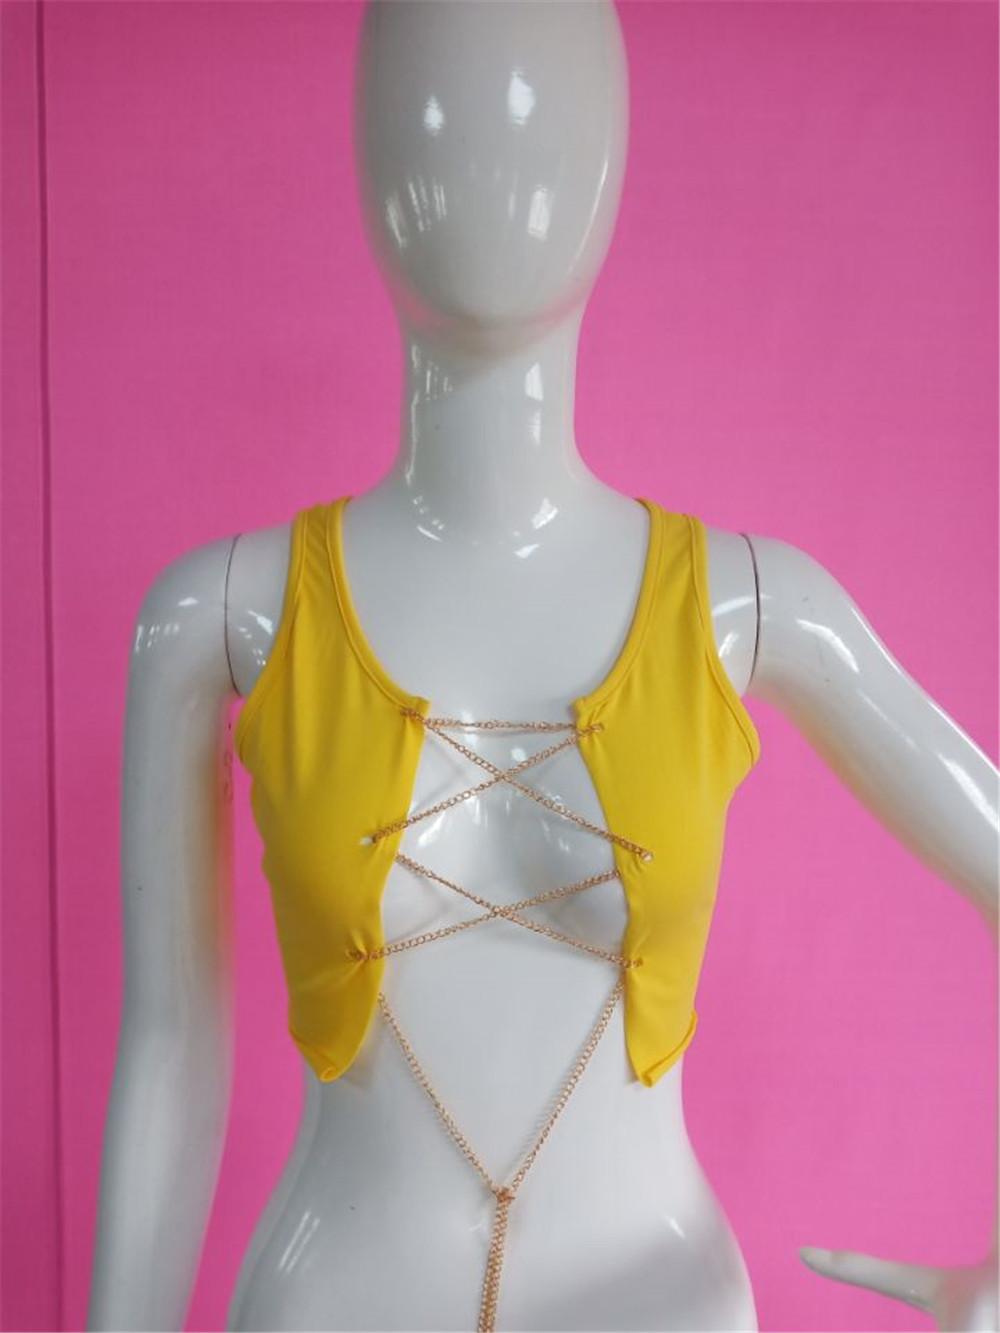 B31526A 2018 Летняя мода для молодых девушек сексуальная цепочка большой грудь футболки